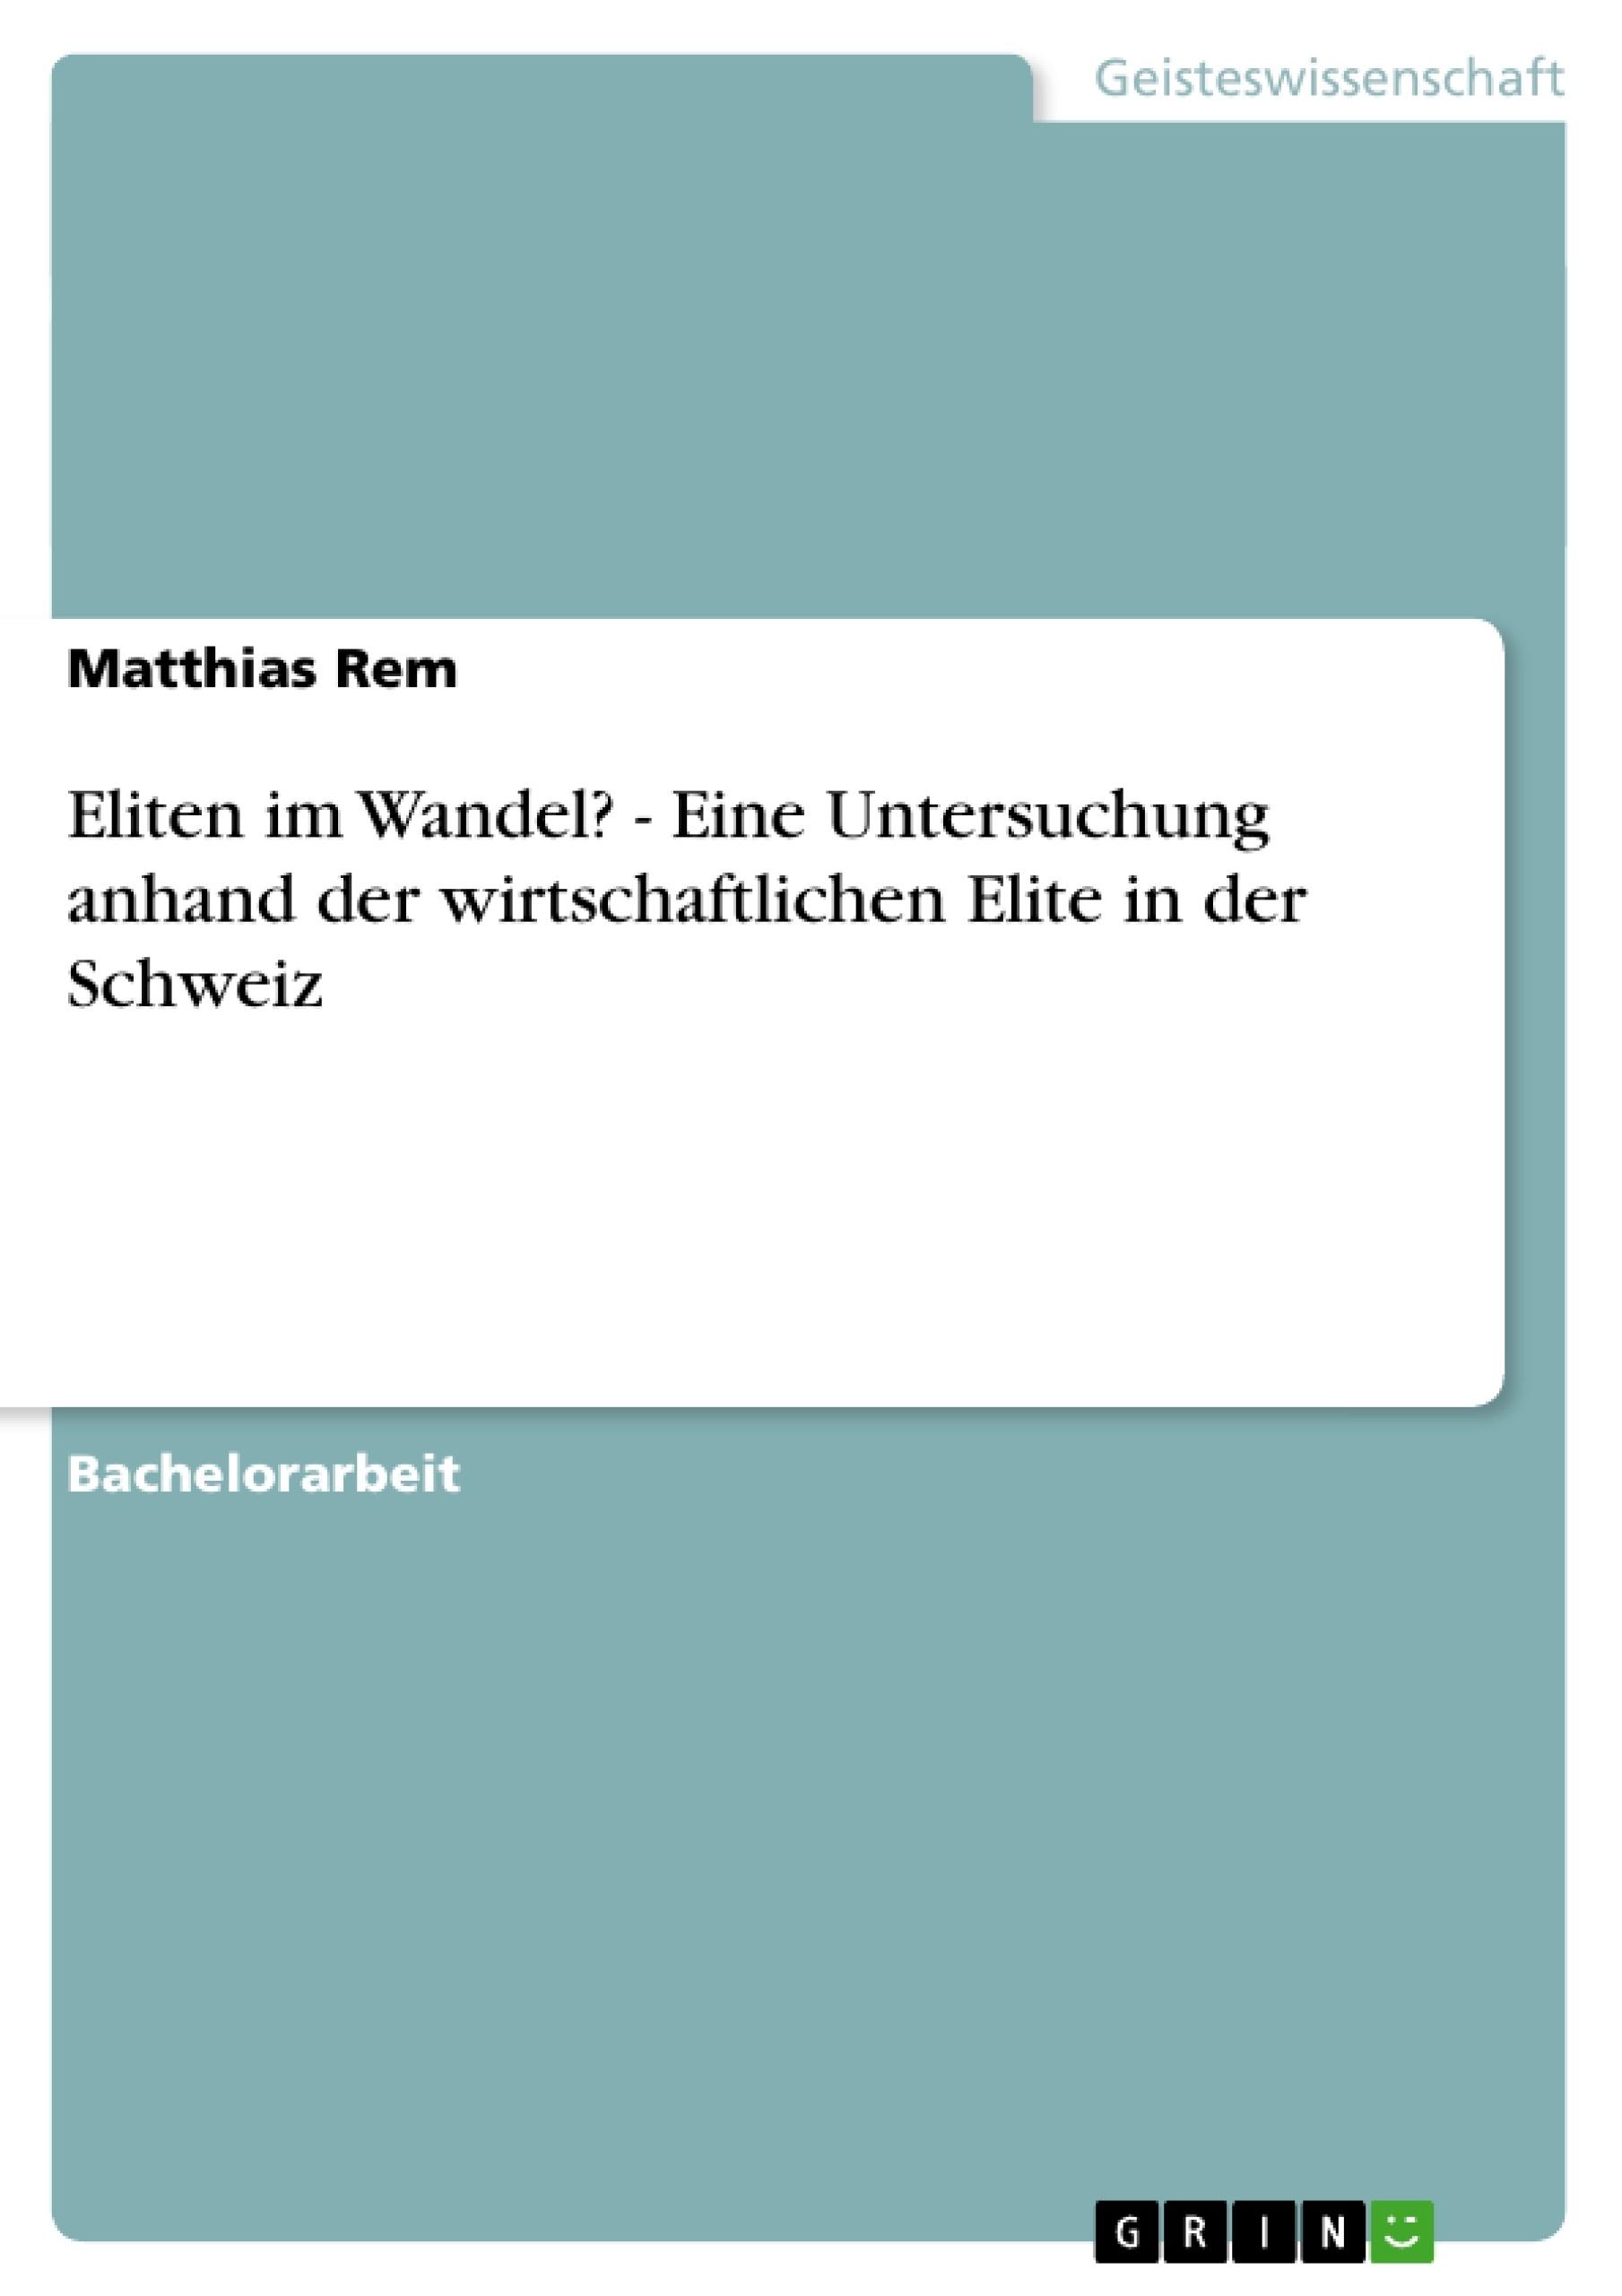 Titel: Eliten im Wandel? - Eine Untersuchung anhand der wirtschaftlichen Elite in der Schweiz